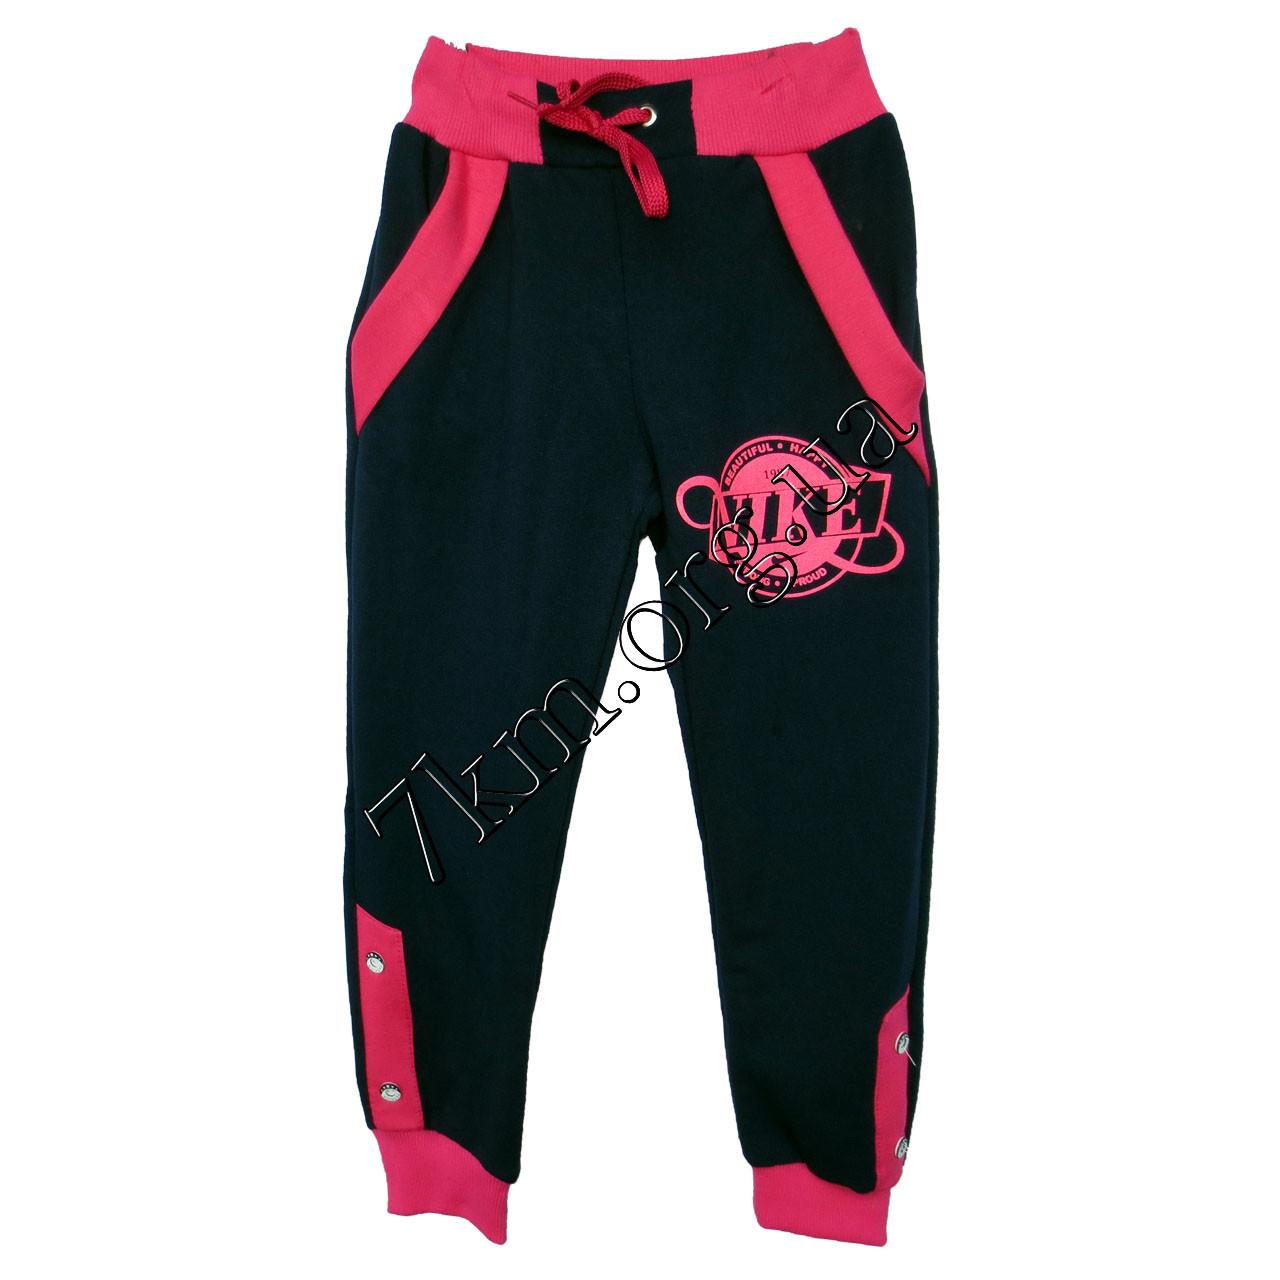 Спортивные штаны Реплика Nike для девочек (5-8 лет) трикотажные Темно синие Оптом.